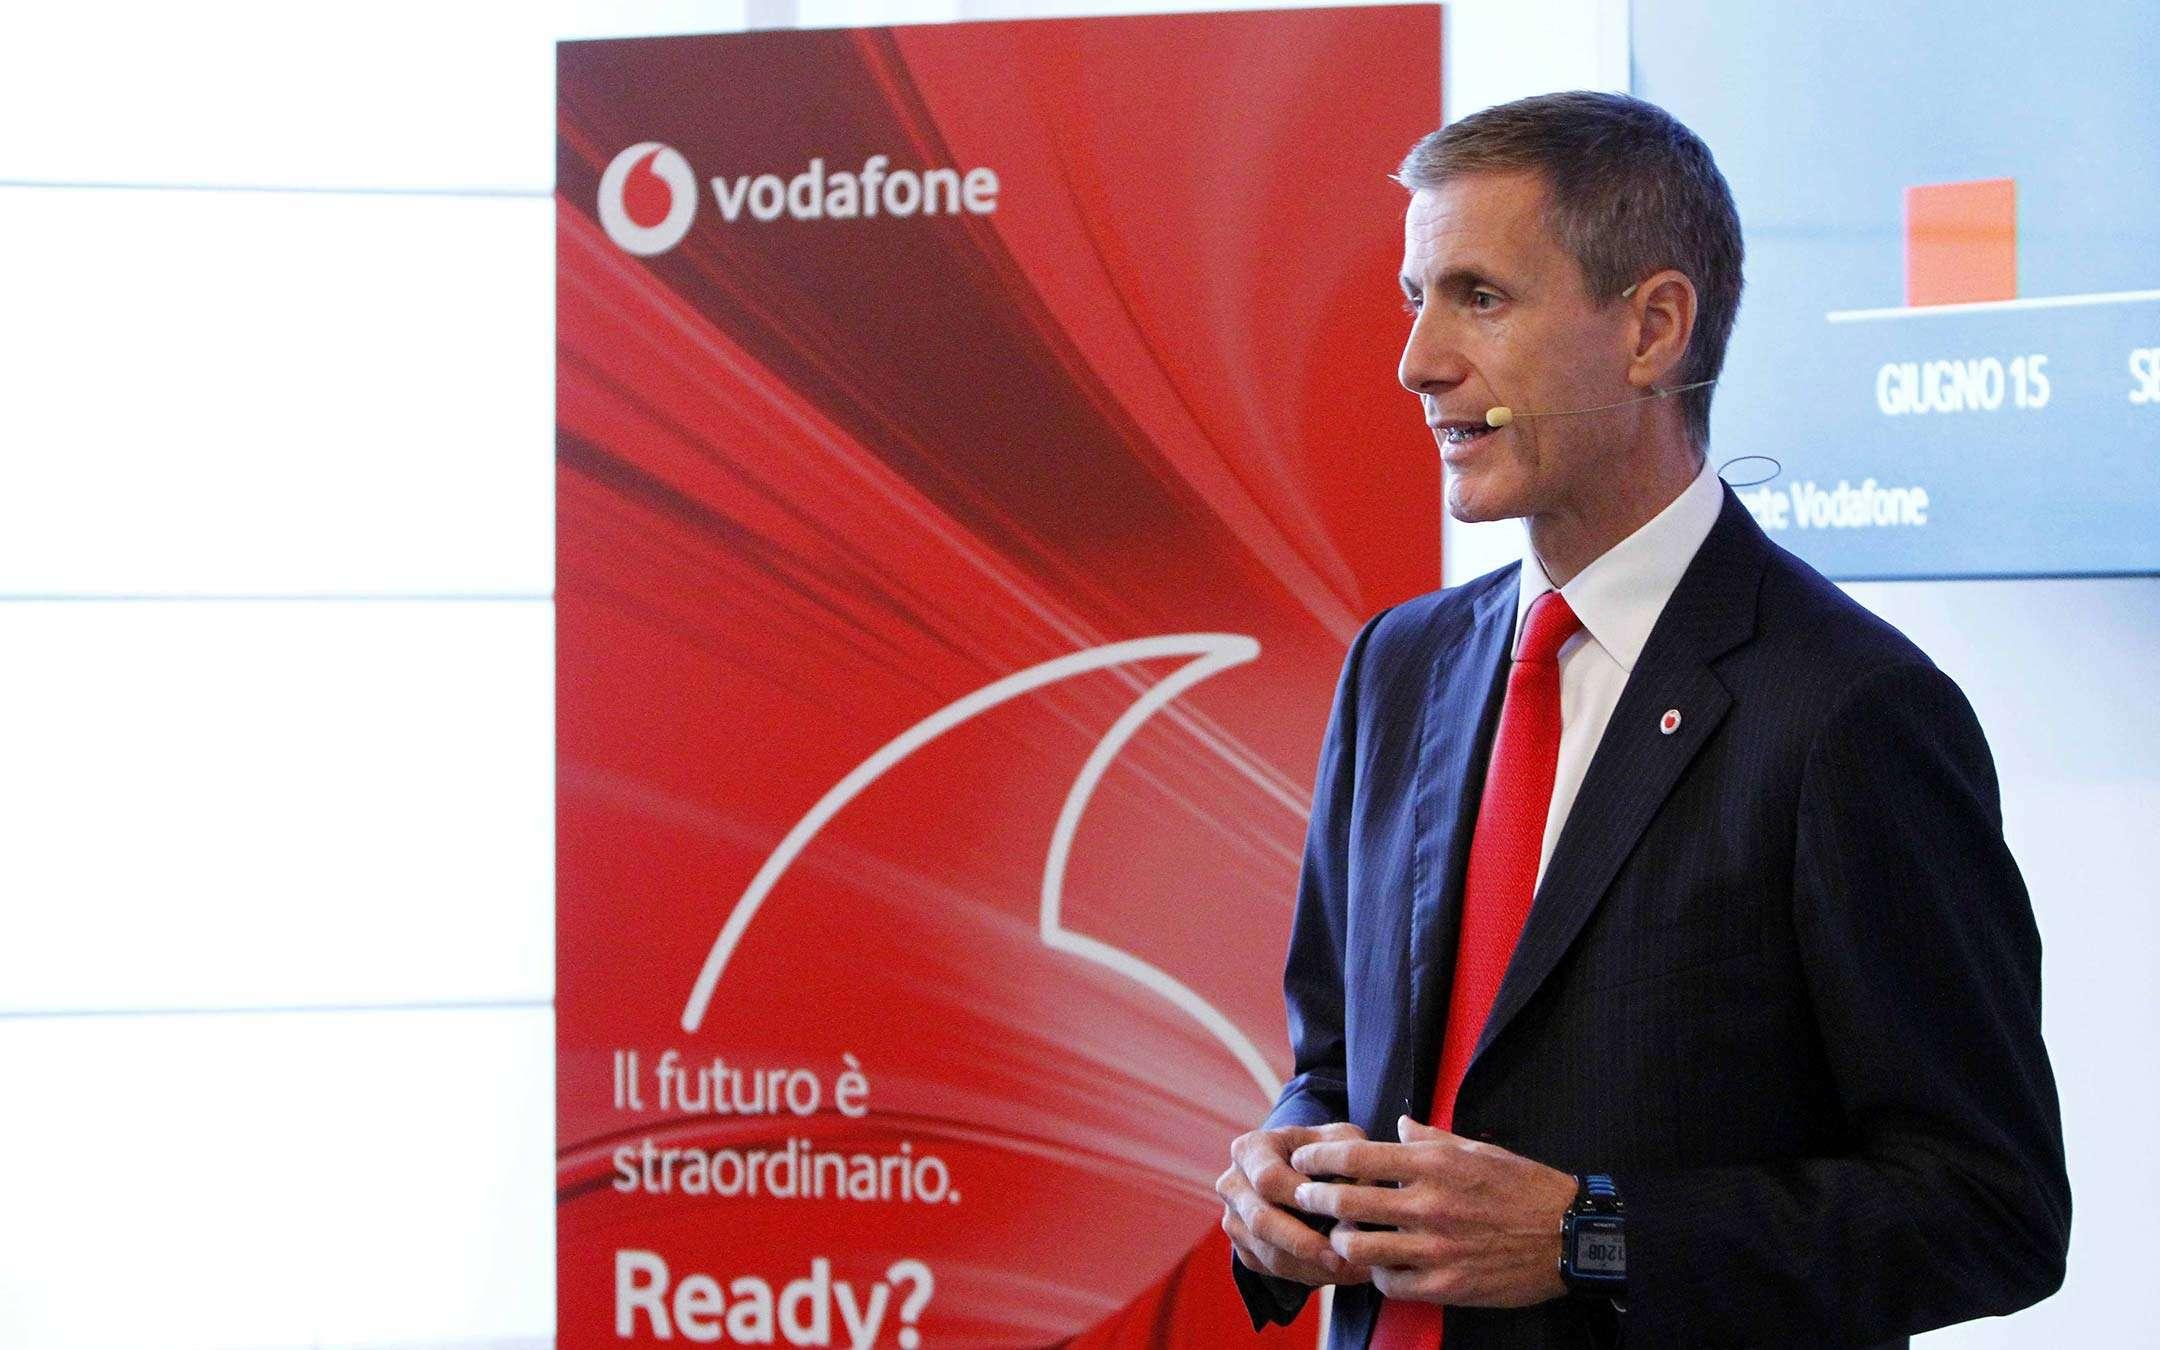 Andrea Rossini, Vodafone